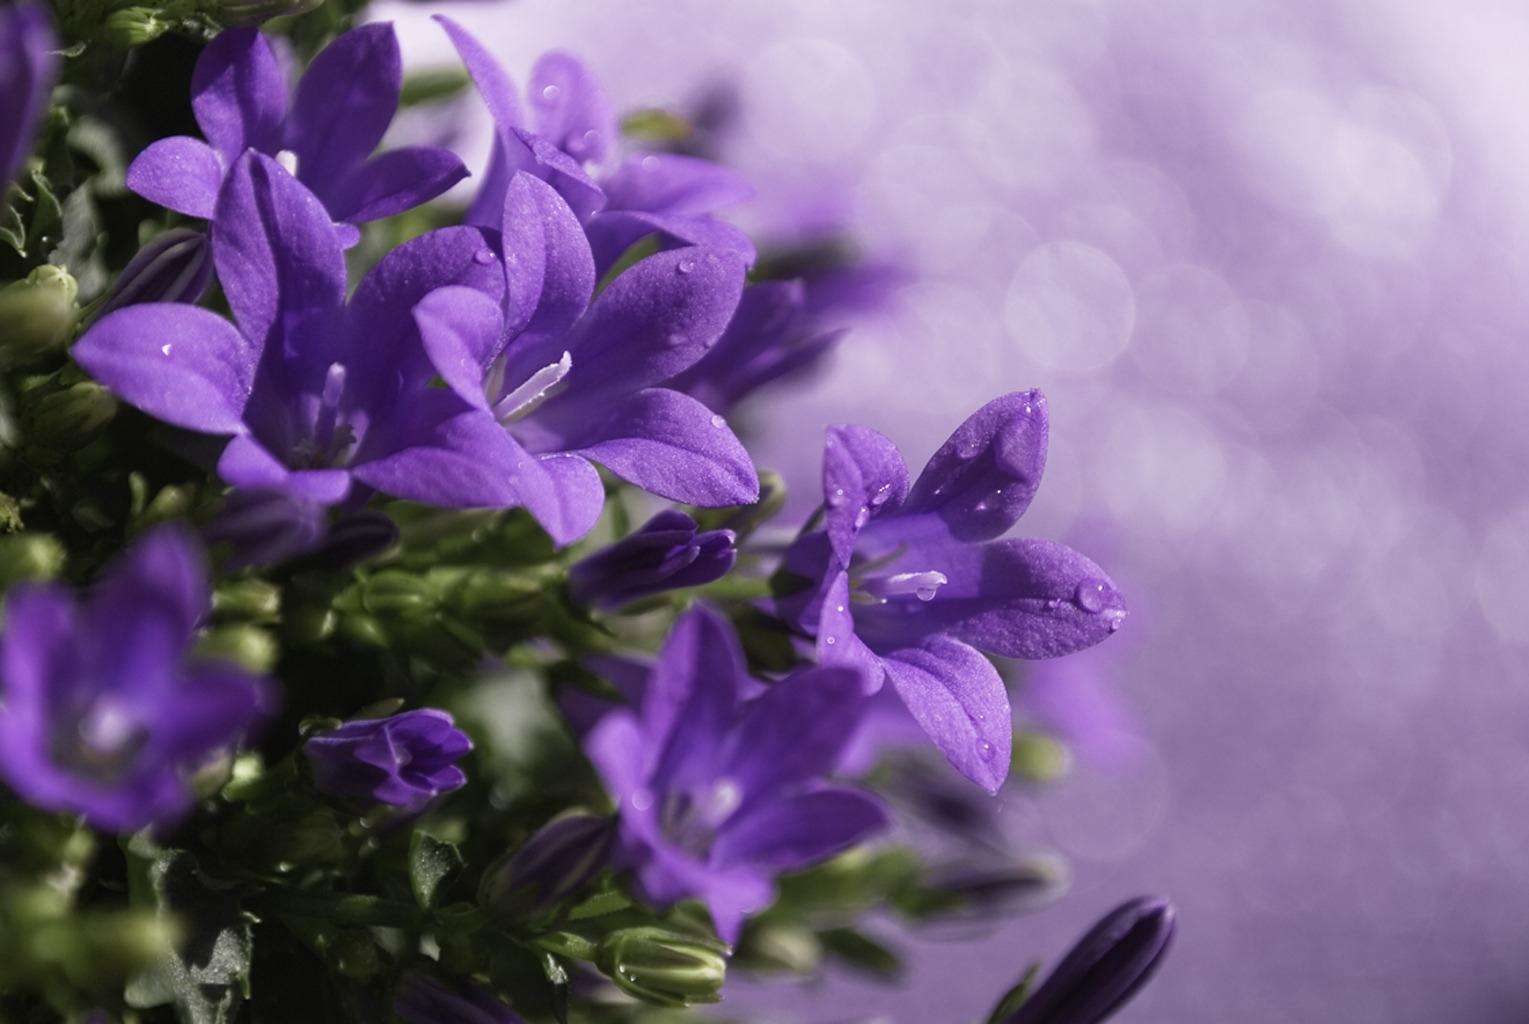 148563 скачать обои Цветы, Колокольчики, Капли, Сиреневые, Распущенные - заставки и картинки бесплатно